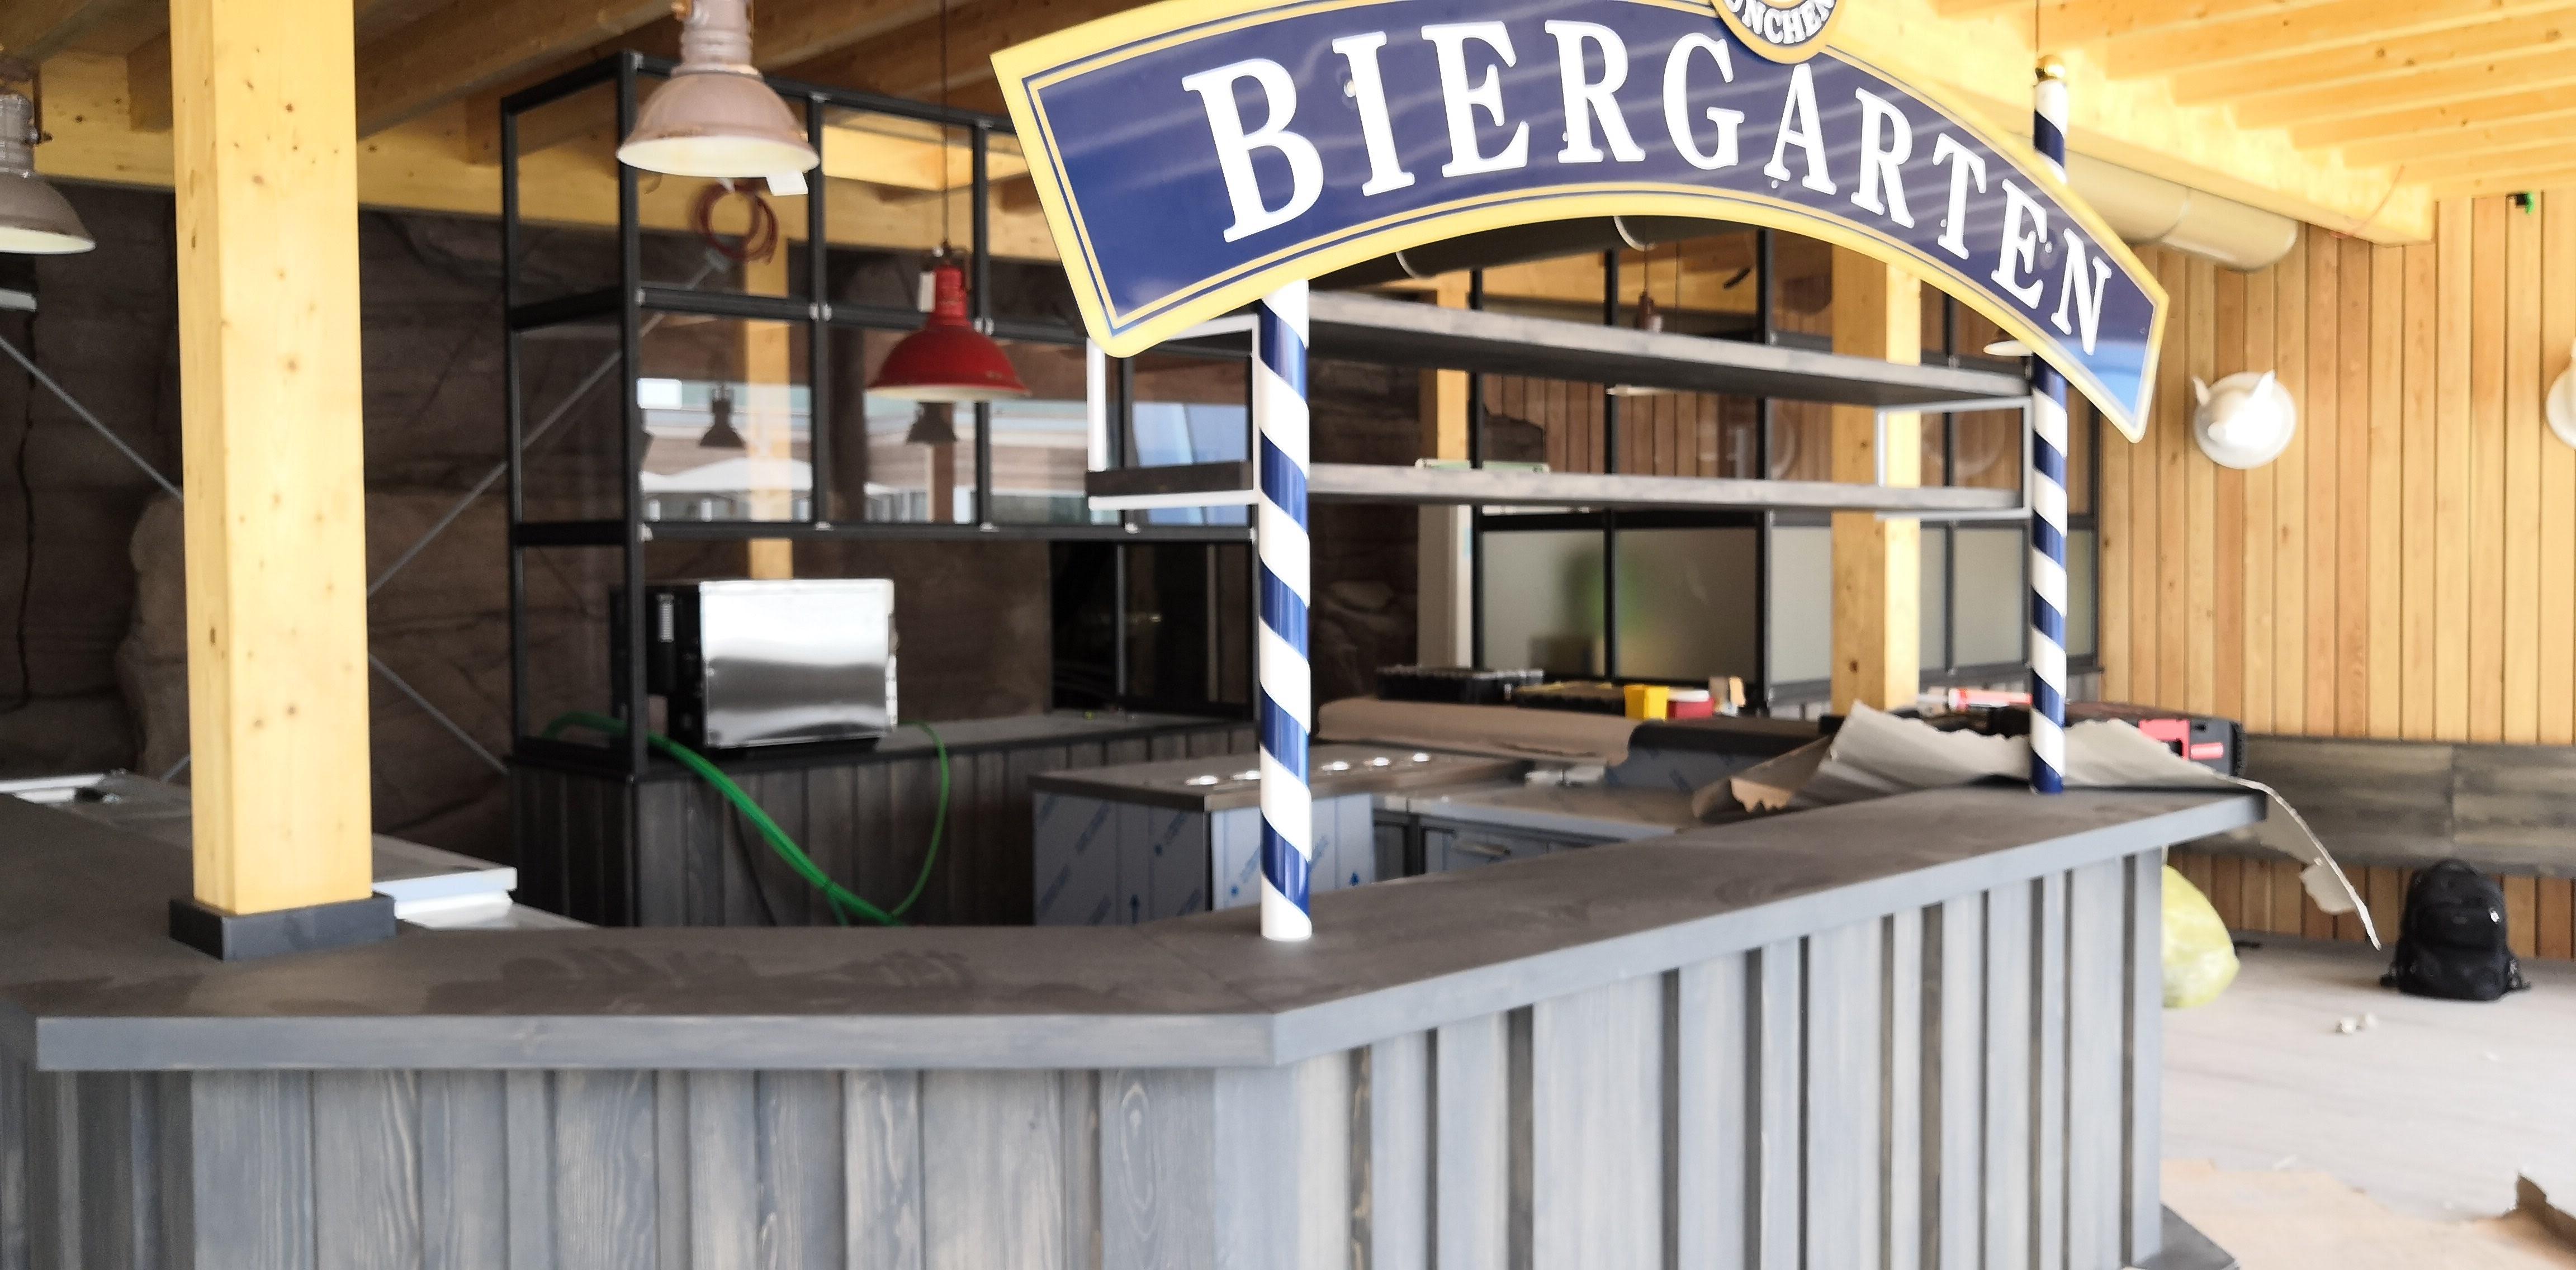 AQUARDENS Biergarten immagine del bancone bar in costruzione